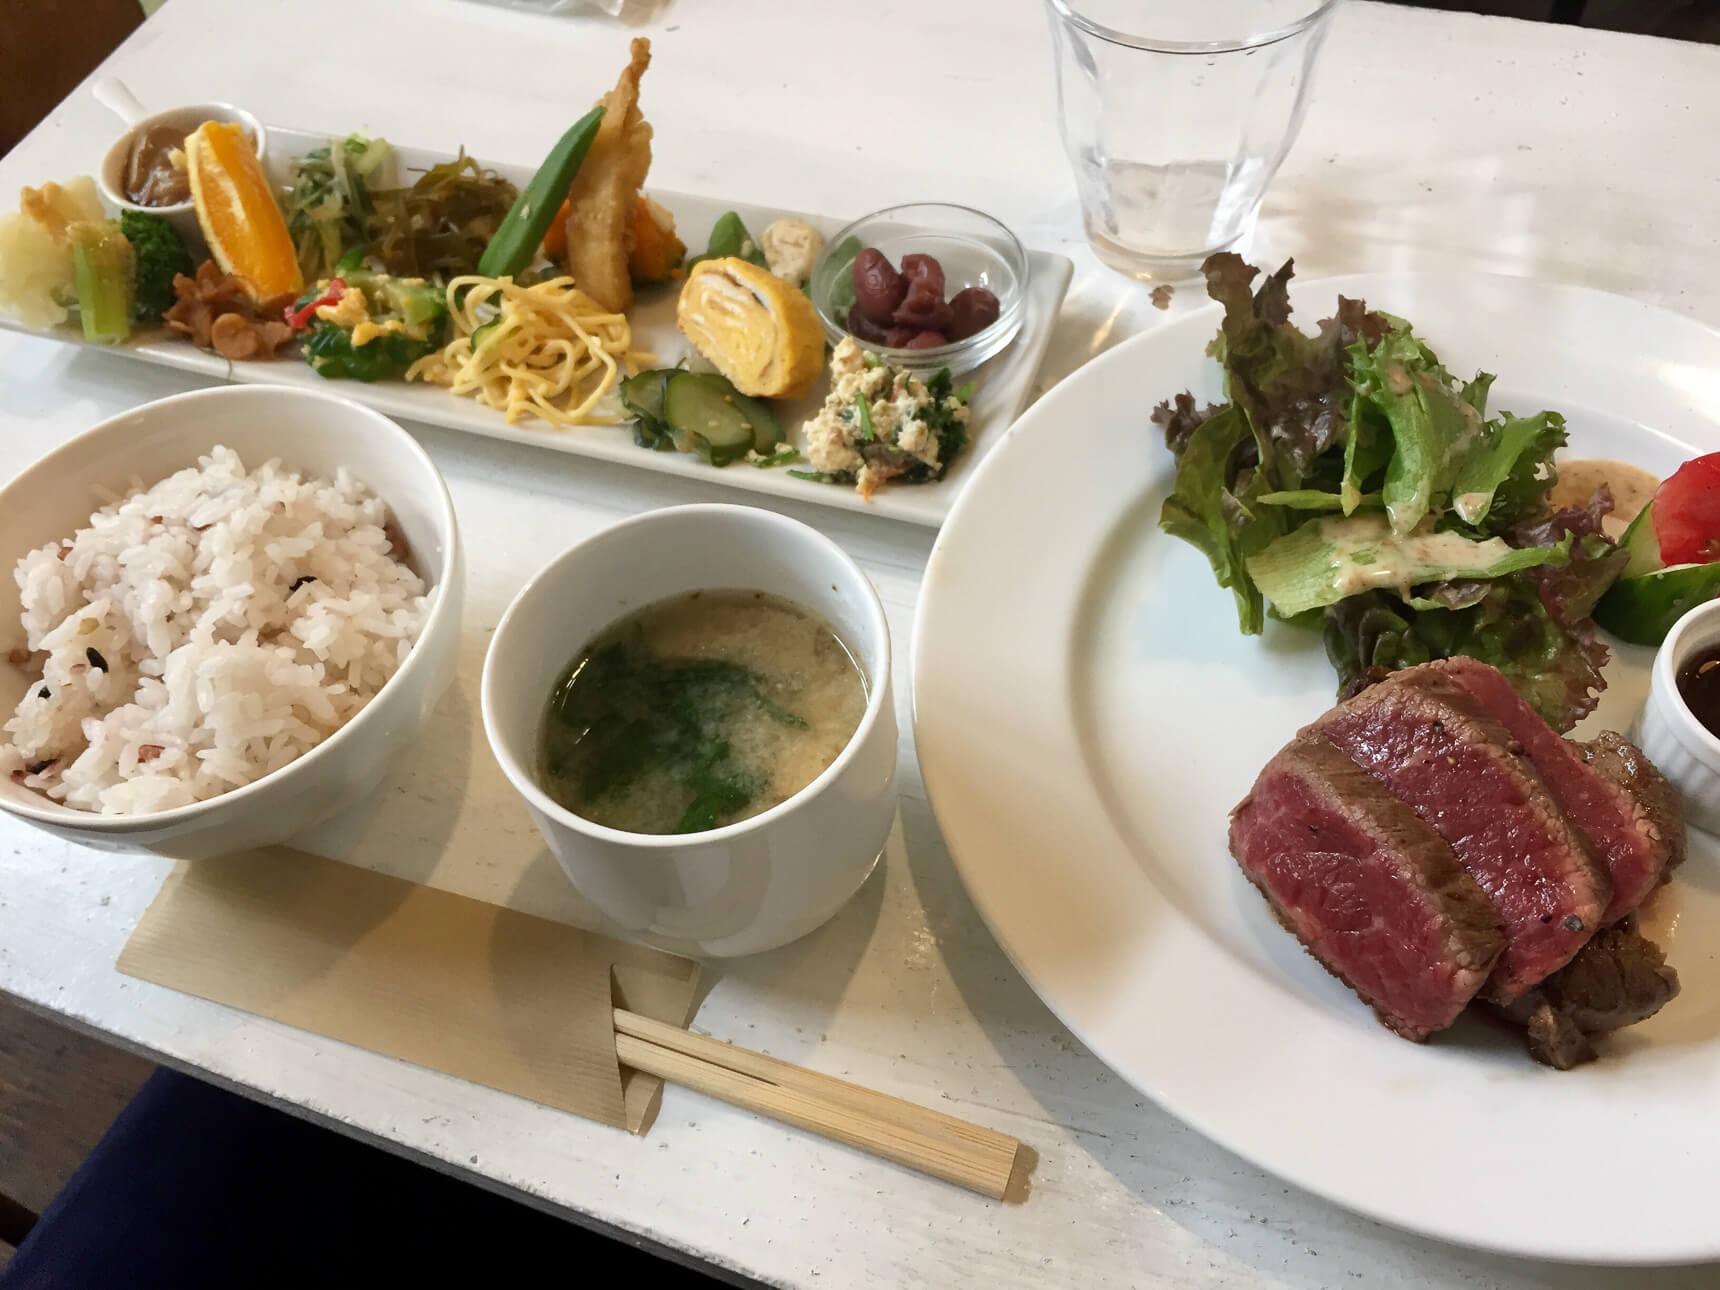 西鉄平尾、山荘小路「ふらごはん」の野菜たっぷりプレートが、ひとりごはんに嬉しい